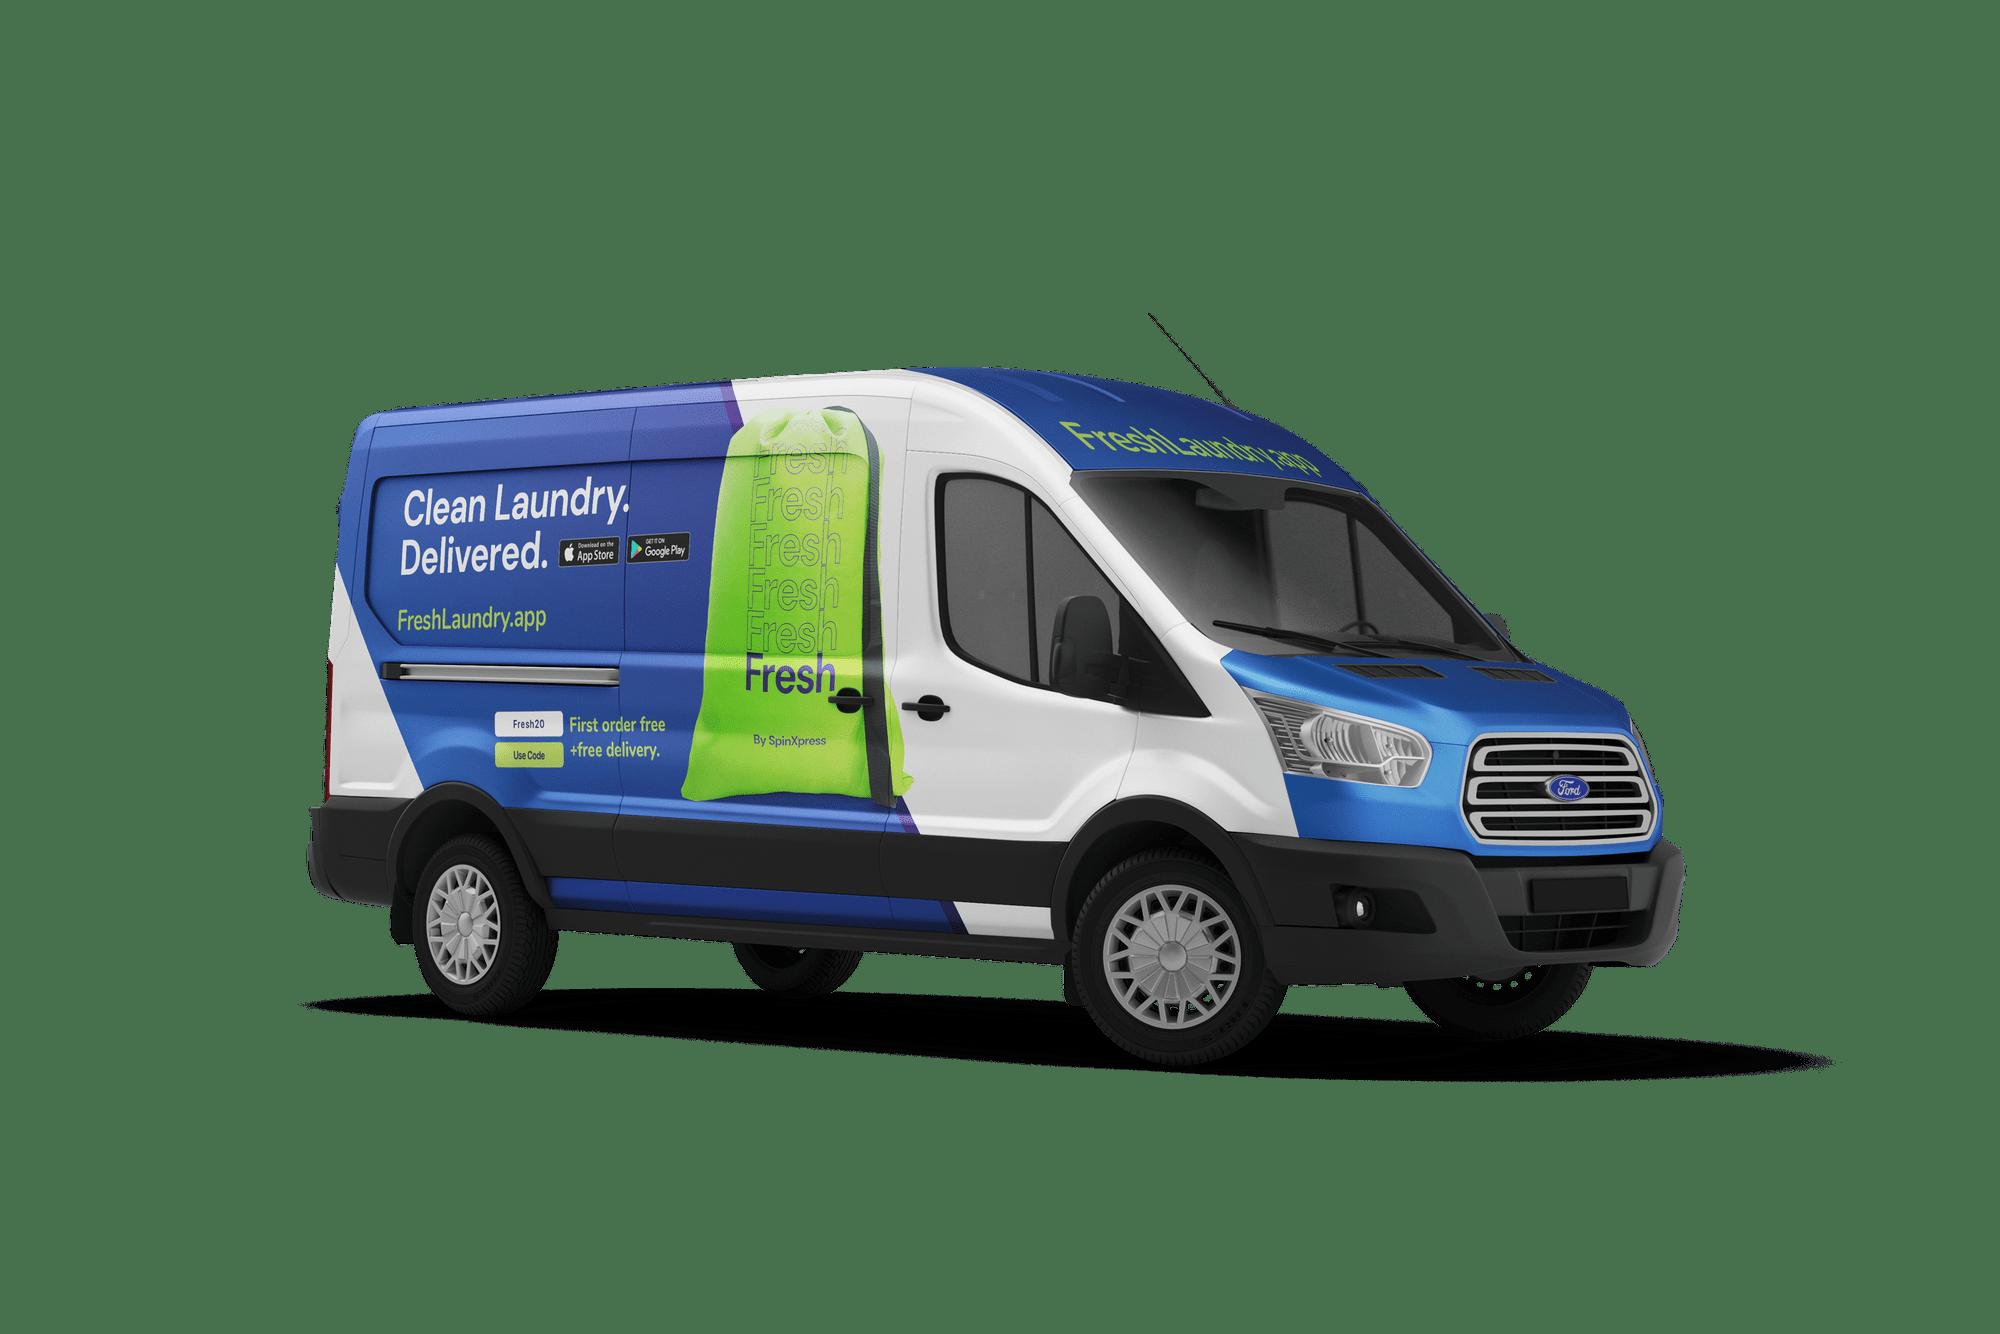 Spinxpress delivery van